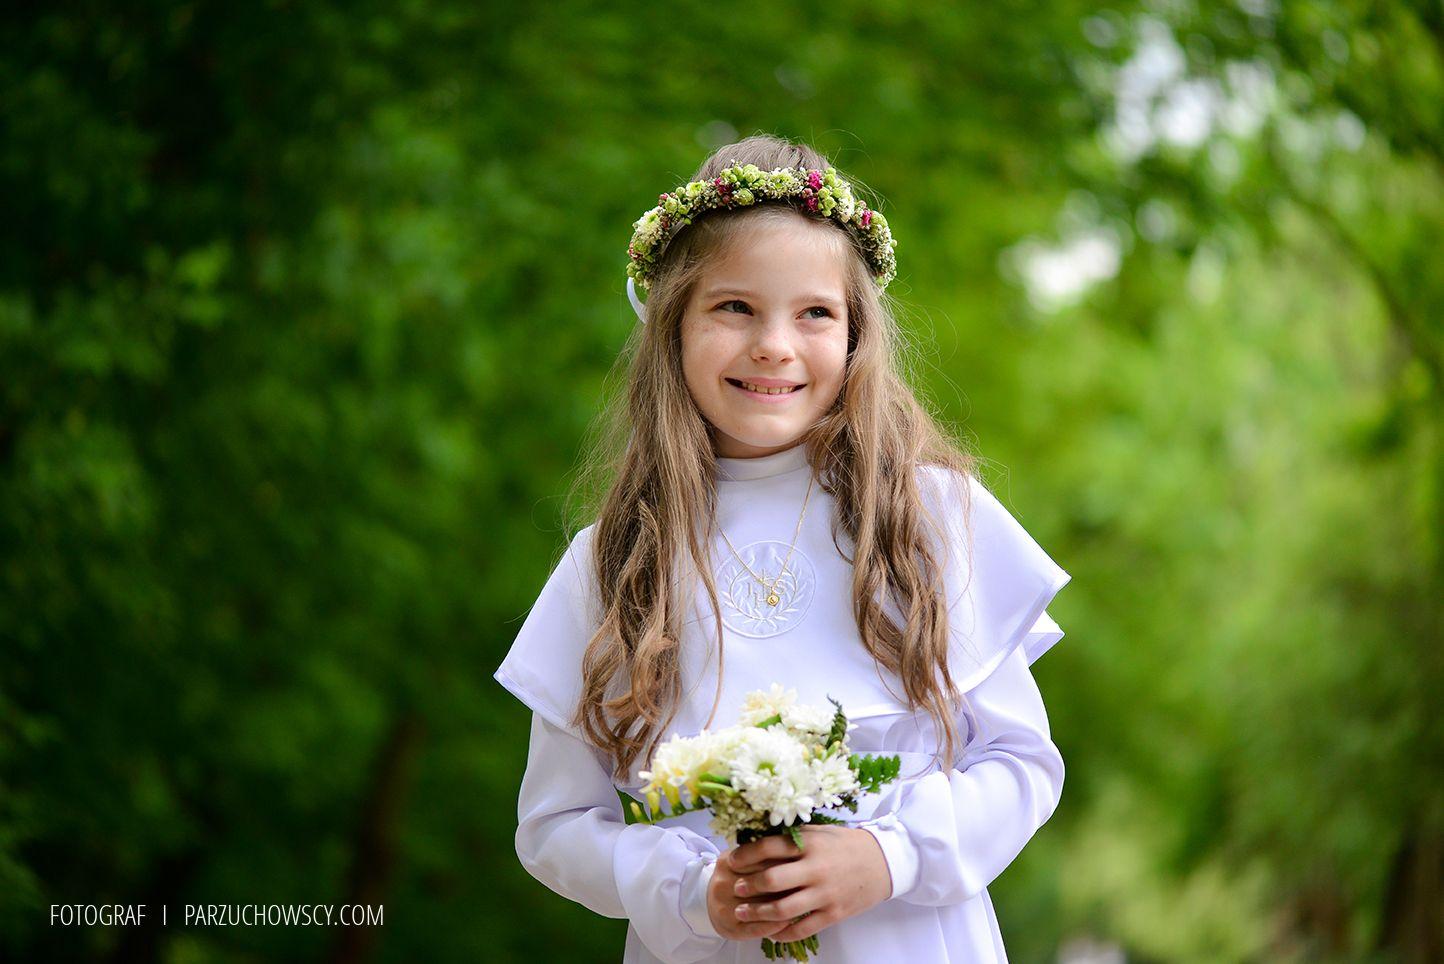 Zdjecia Komunijne W Plenerze Sesja Komunijna Flower Girl Dresses Wedding Dresses Flower Girl